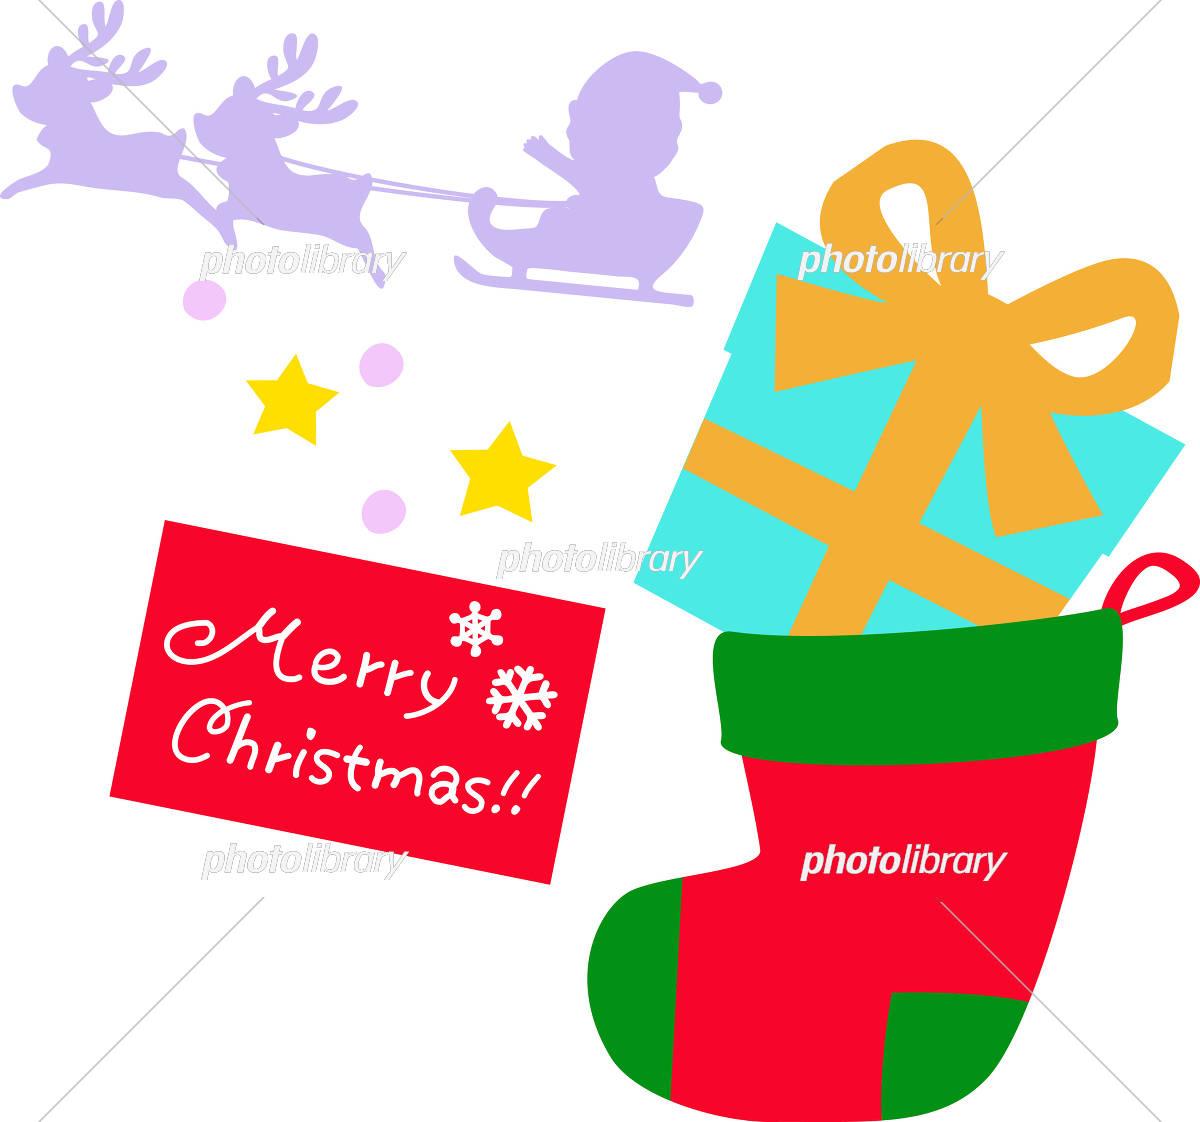 靴下に入ったクリスマスプレゼント イラスト素材 [ 5332499